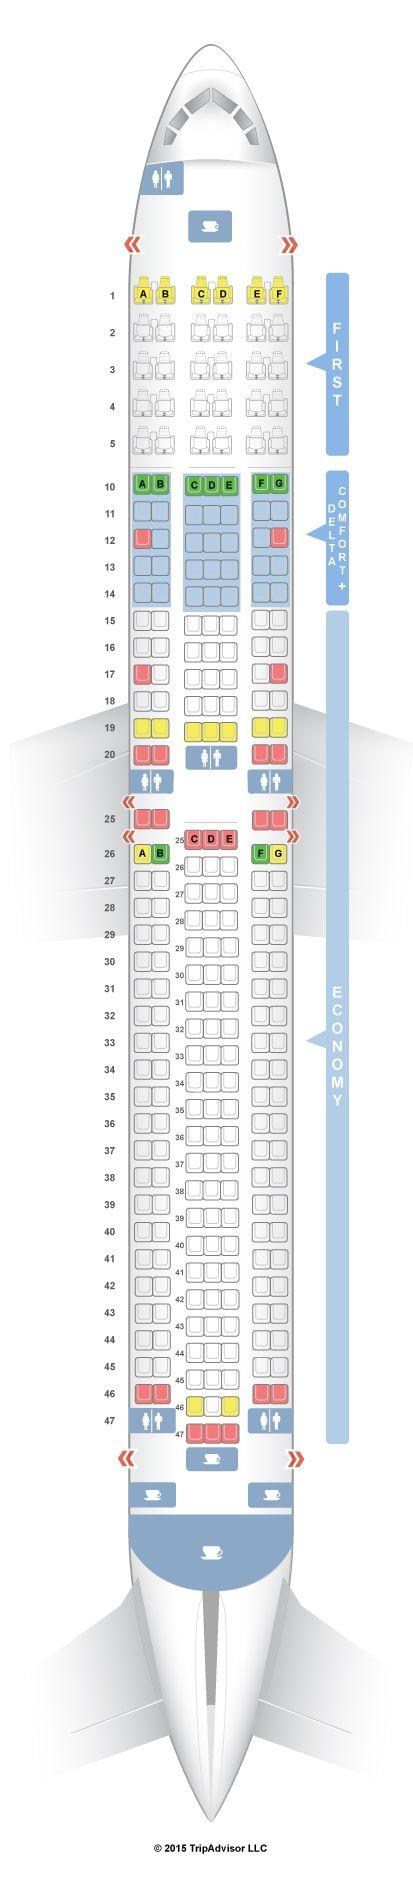 Seatguru Seat Map Delta Boeing 767 300 76p 76q Seatguru With